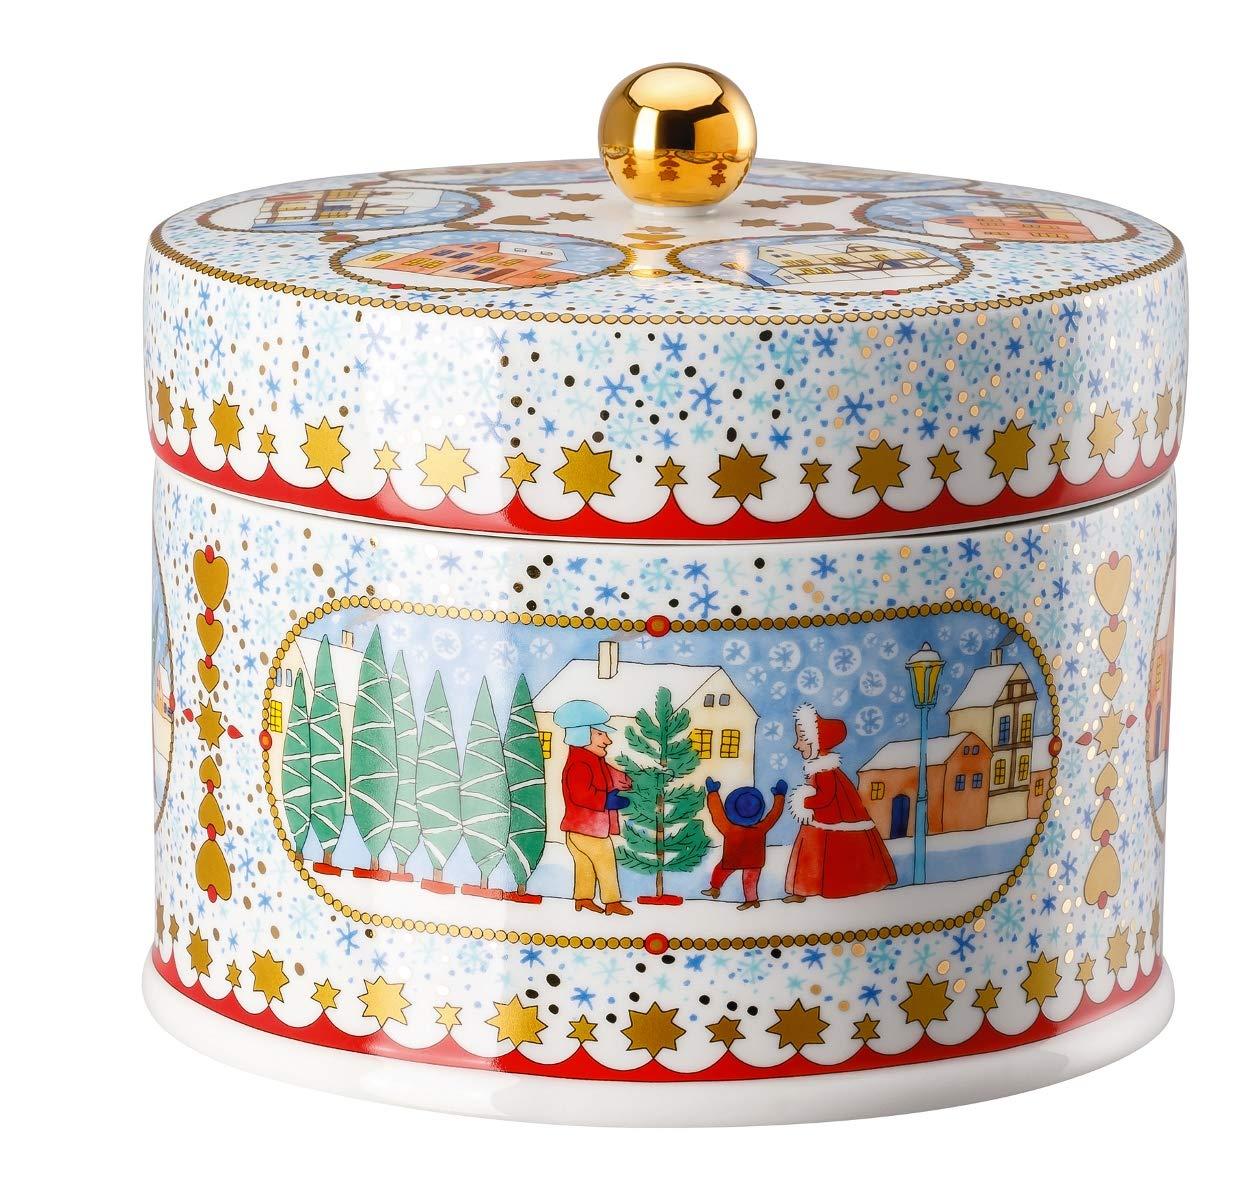 17 x 17 x 15,5 cm Bunt Porzellandose Hutschenreuther Dose rund Weihnachtsmarkt Porzellan